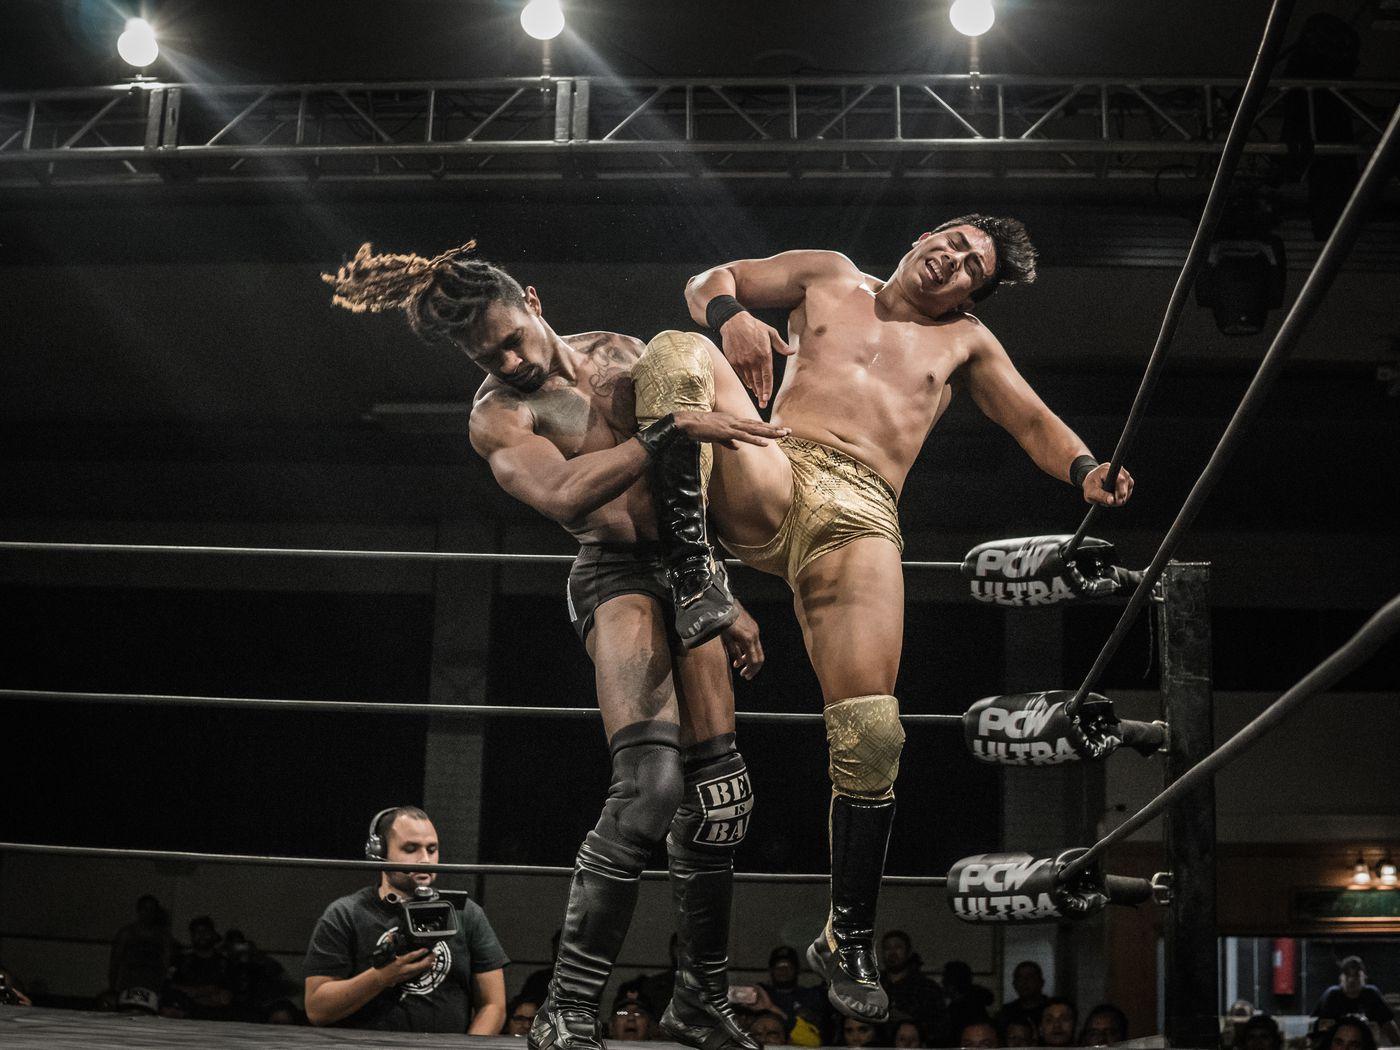 Groß Vs Klein Lesbisch Wrestling